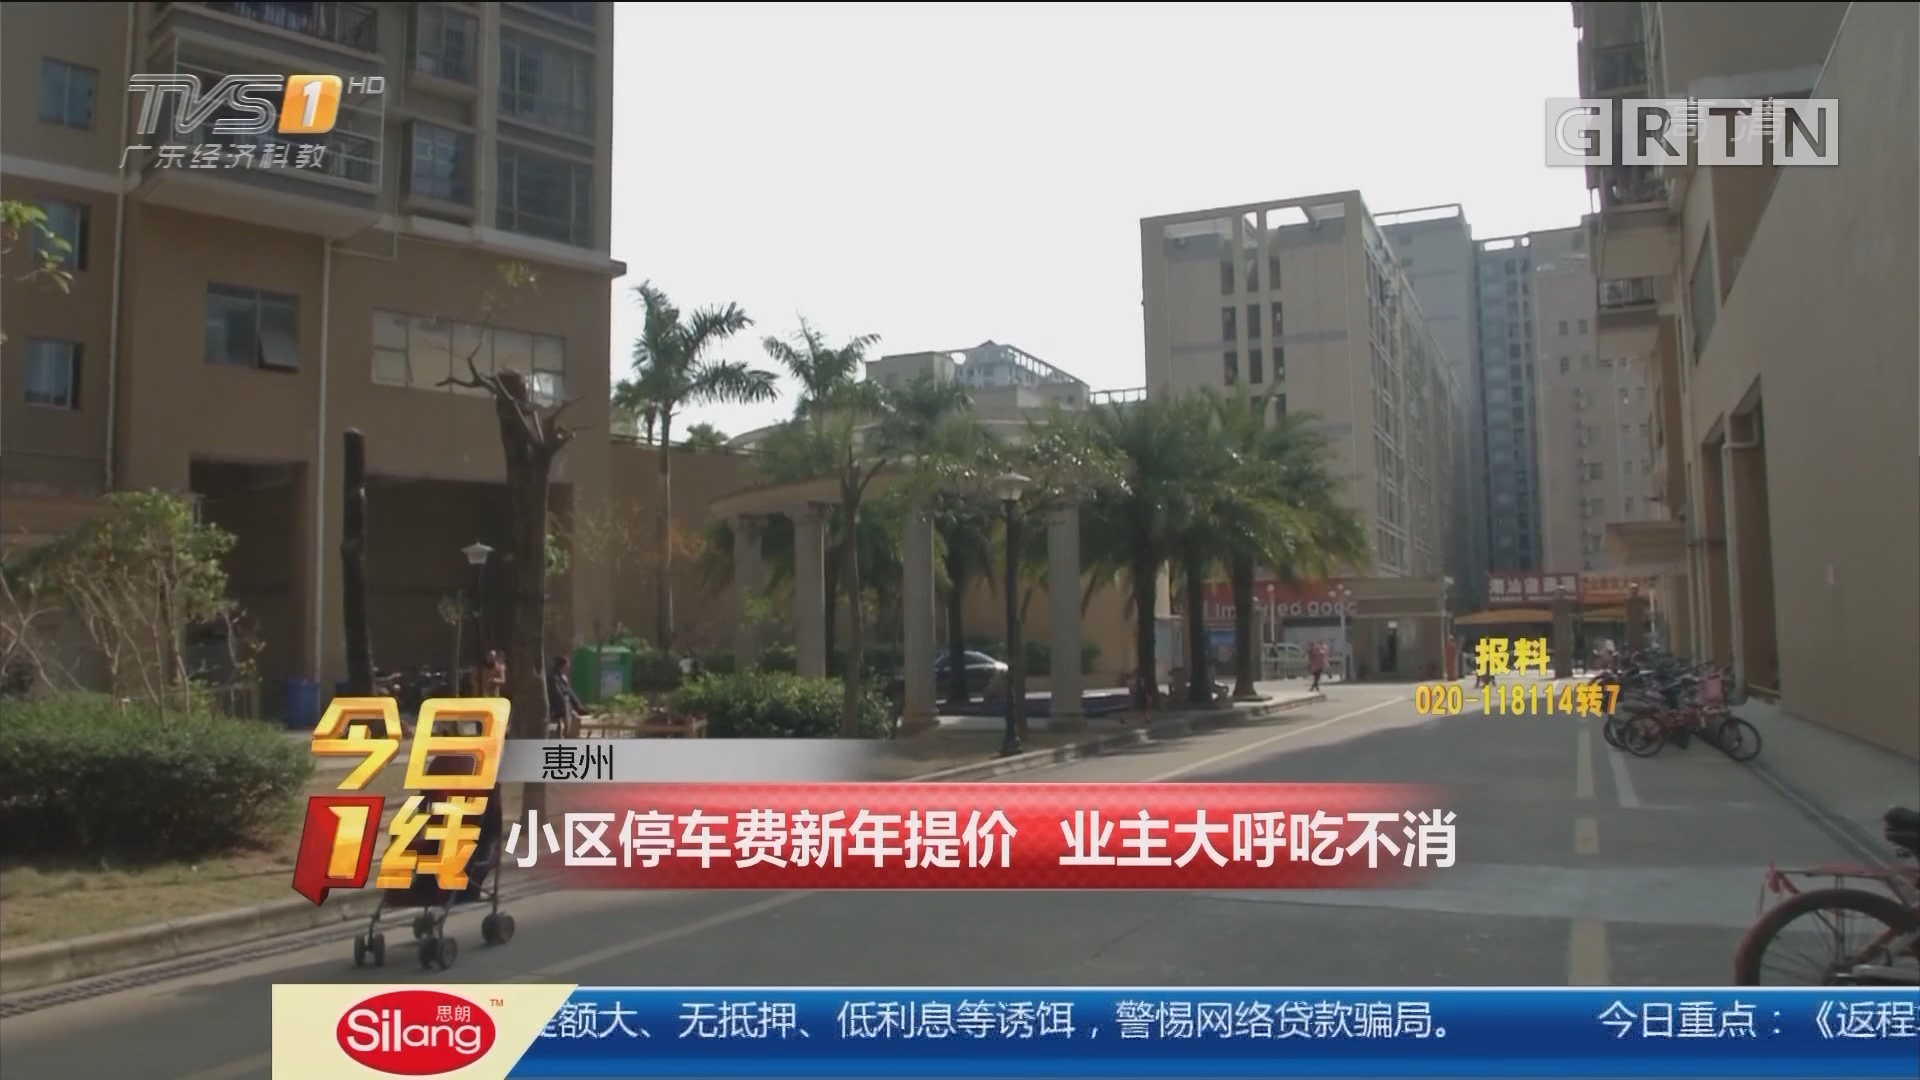 惠州:小区停车费新年提价 业主大呼吃不消